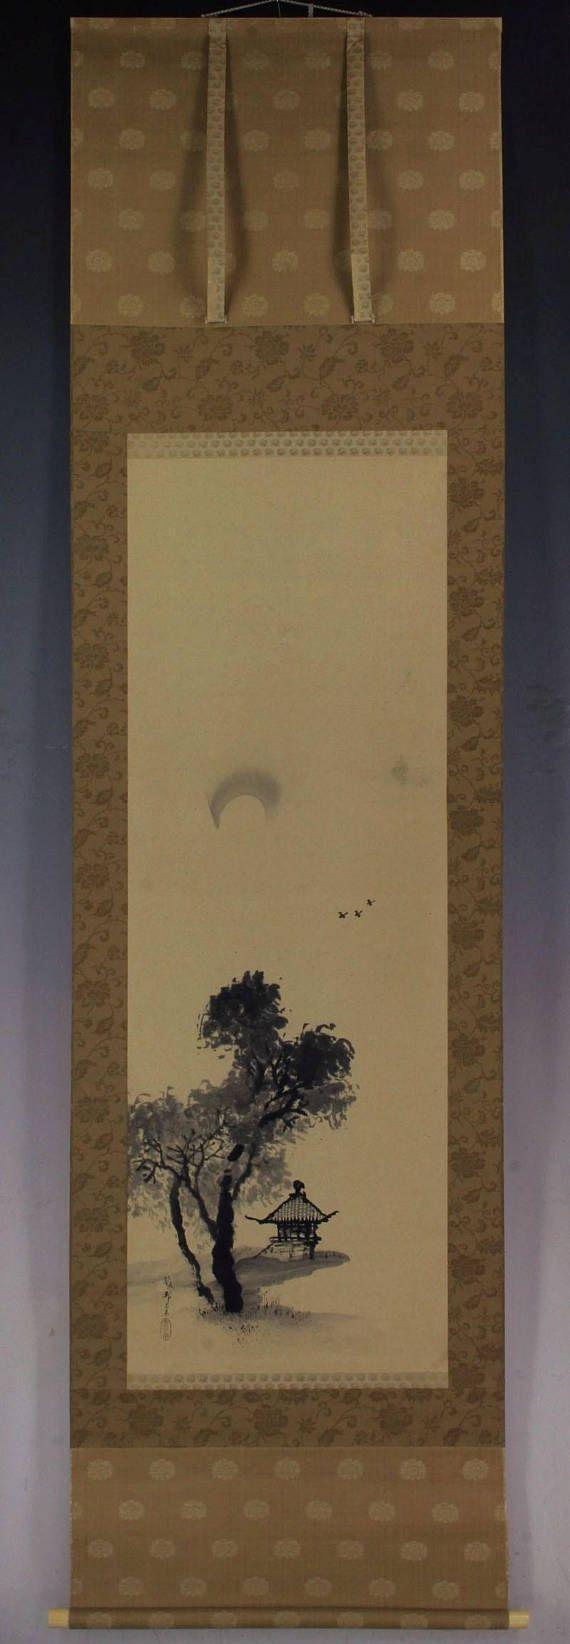 Noche de otoño. Inkwash sobre papel. Sellado. Gaho de firmado y sellado. Hashimoto Gahō (1835-1908) fue un pintor japonés, uno de los últimos para pintar en el estilo de la Escuela Kanō. Nació en Edo, Gaho estudió pintura bajo Kanō Shōsen en. Él creó muchas obras en el estilo tradicional de la Escuela Kanō, usando color y oro o lo contrario monocroma tinta negra. Algunas marcas y pliegue insignificante de luz están presentes en la pintura sí mismo, de lo contrario que la pieza se encuentra…